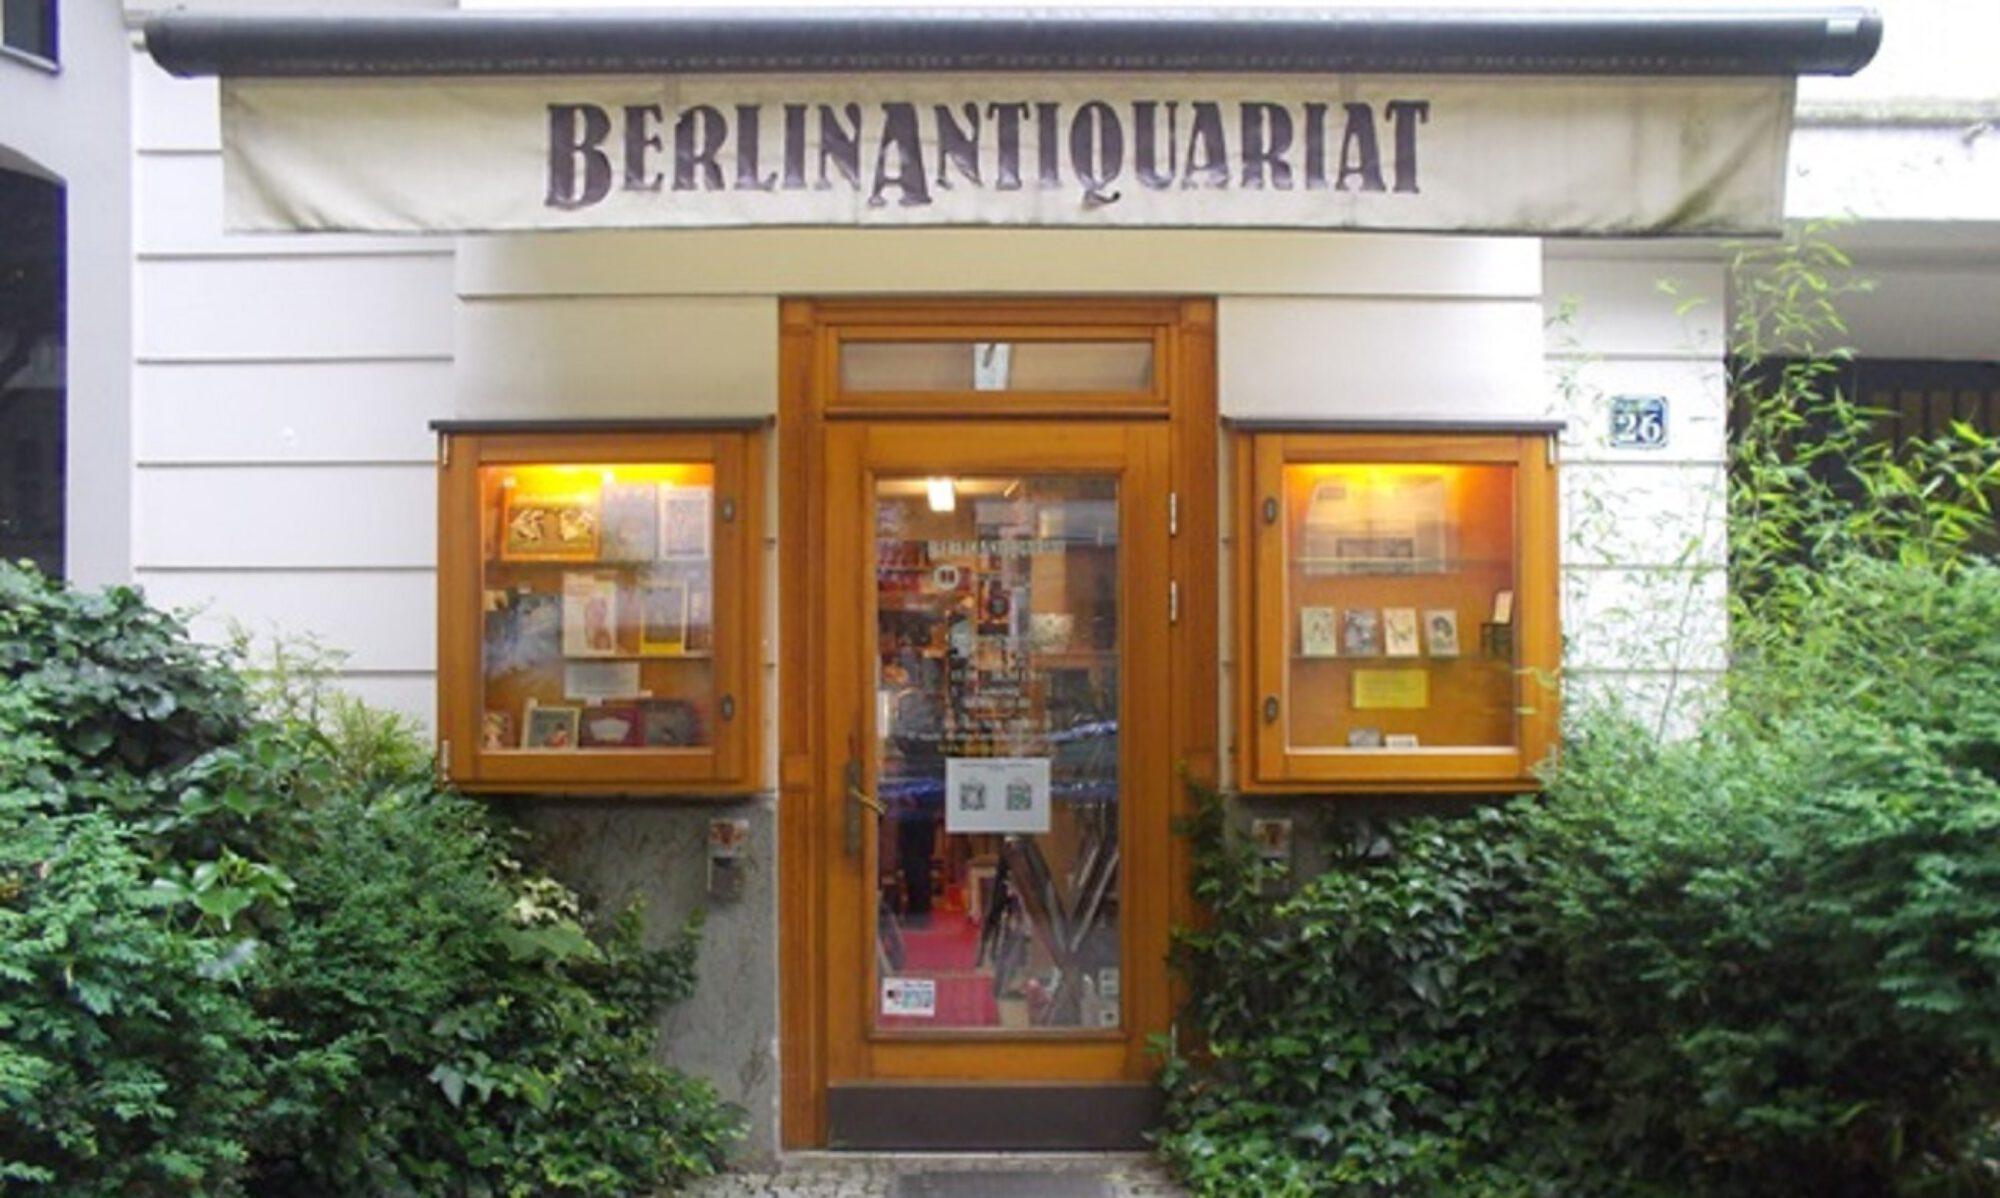 BerlinAntiquariat